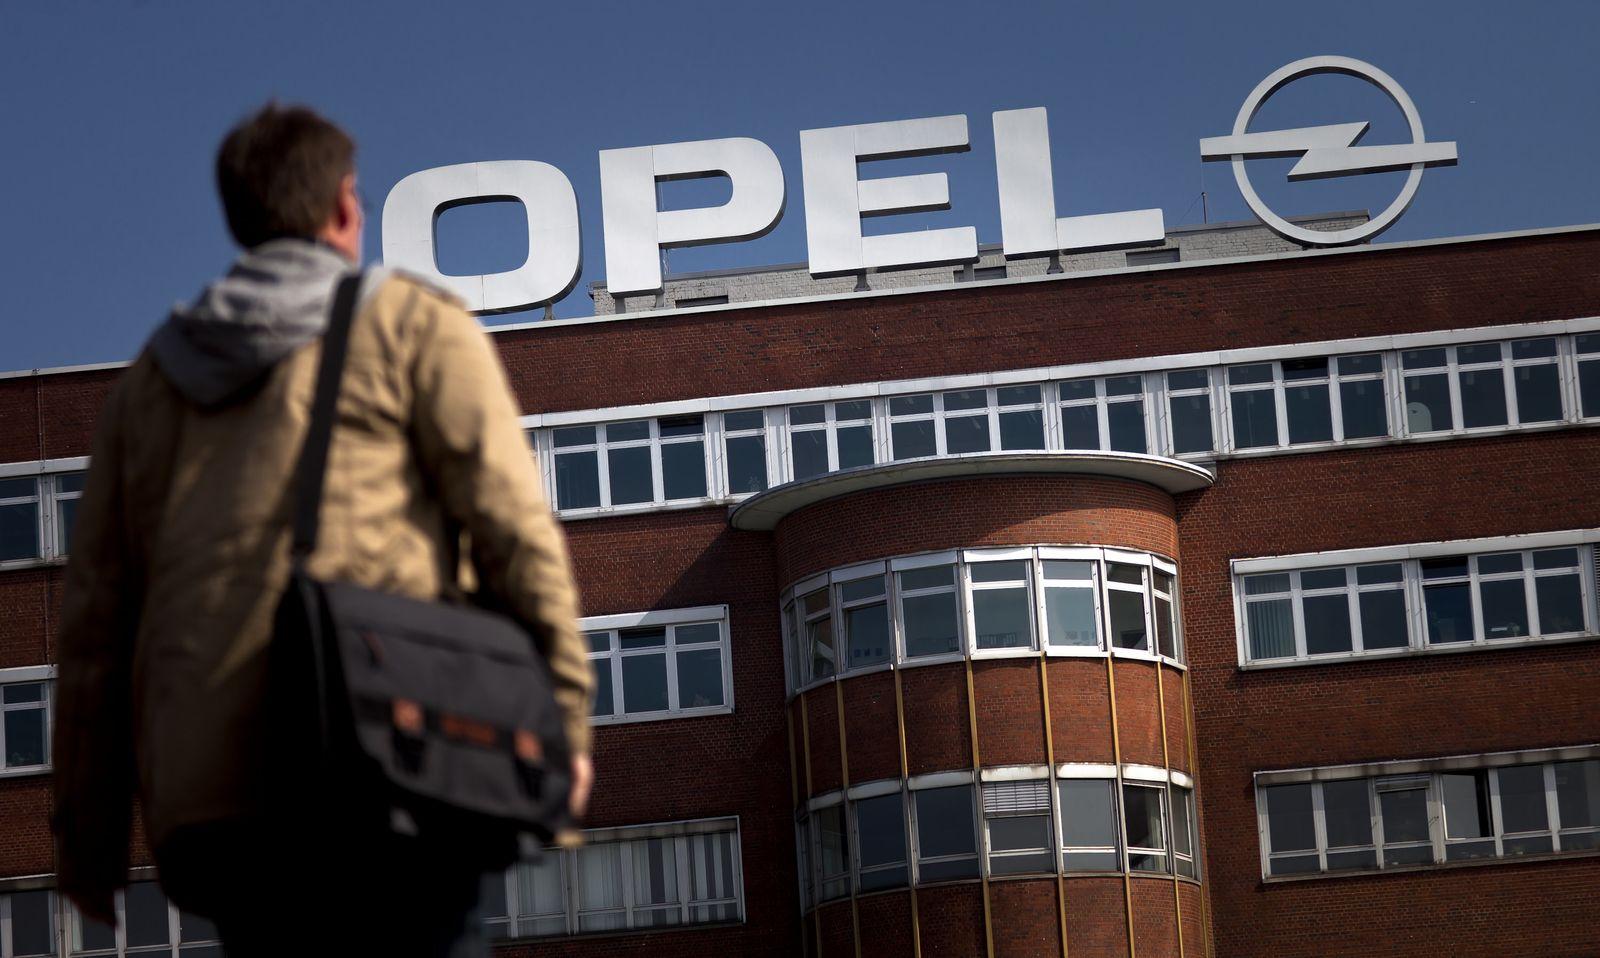 NICHT VERWENDEN Opel Werk Bochum